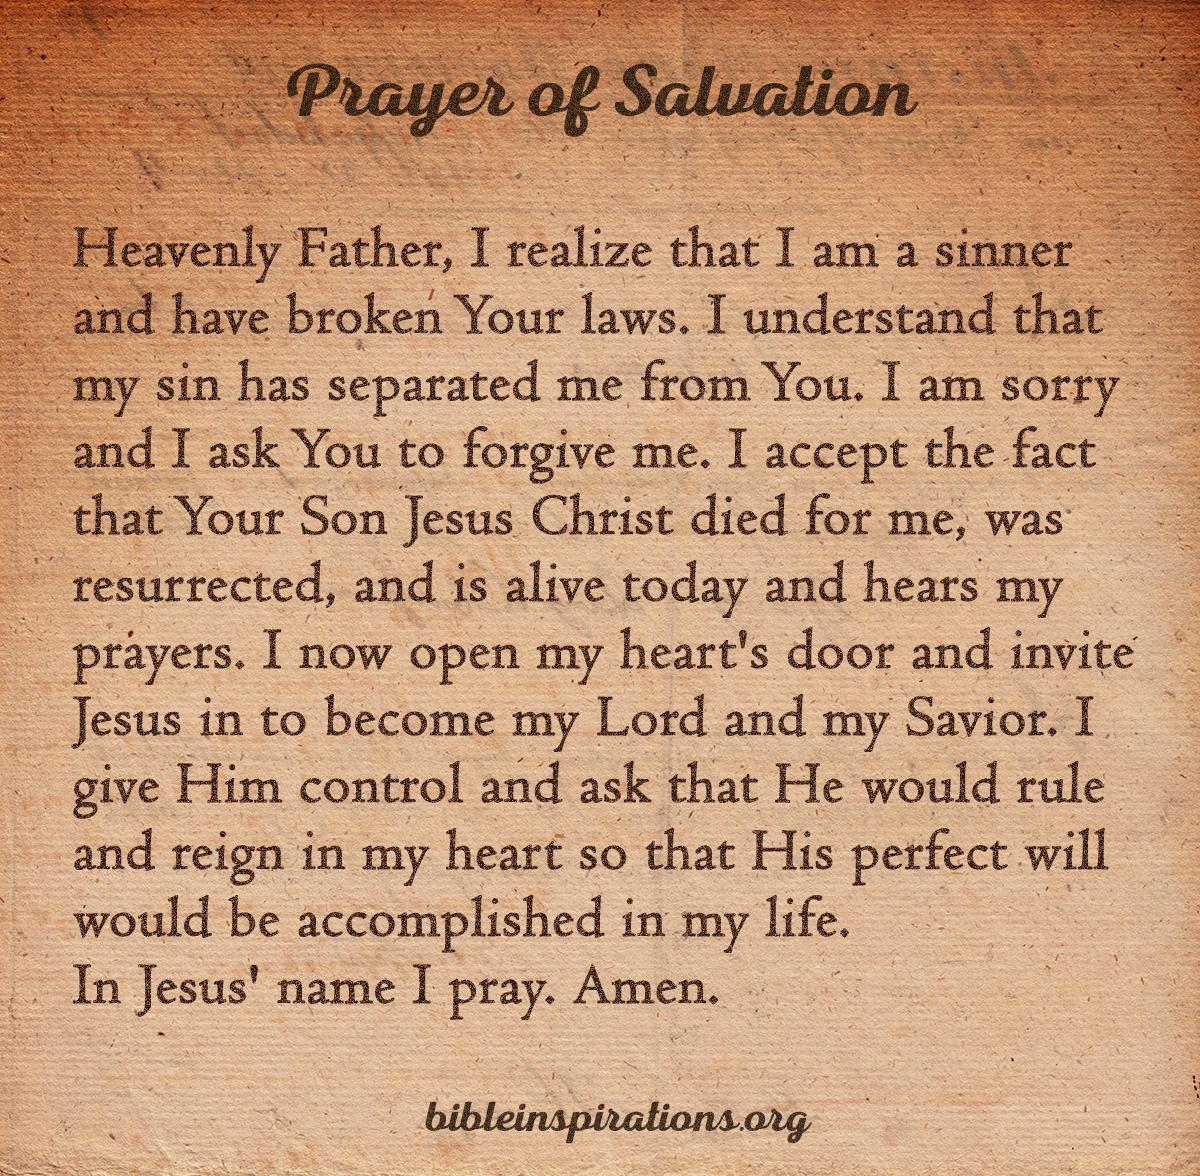 sinners-prayer-jesus-saves-prayer-of-salvation